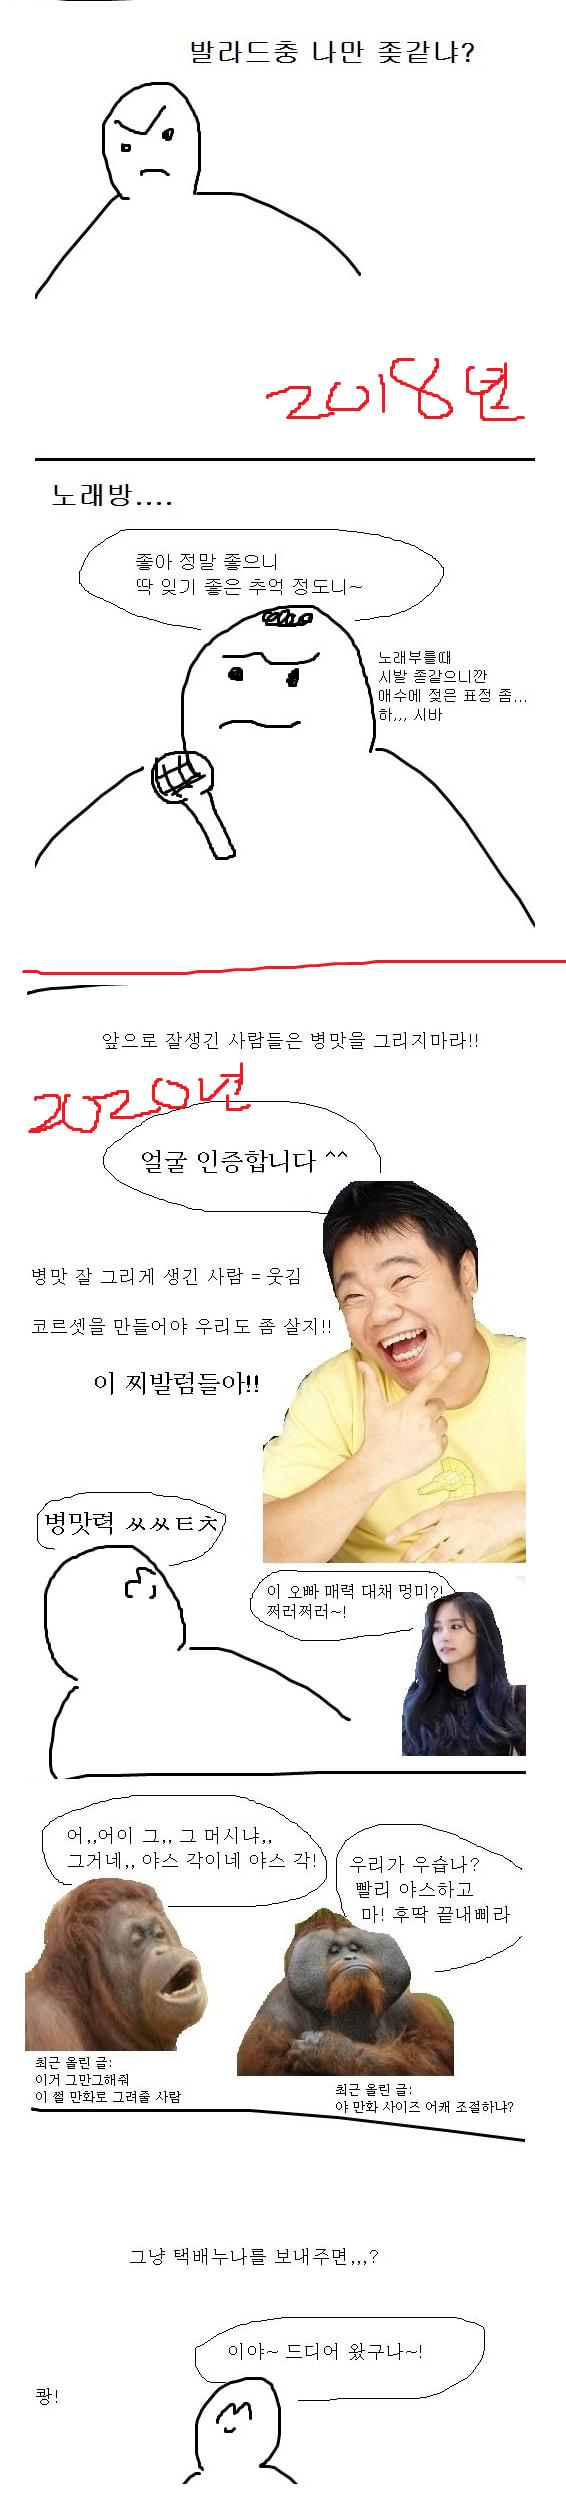 viewimage.php?id=29afd131ecdc3f&no=24b0d769e1d32ca73fec80fa11d028319511fc2d4825bdd78ebab4202e4e0553630cea4df96afa932b4c289d25114e2344f8961dd50642bb54b9748f65a05aeb09d28c